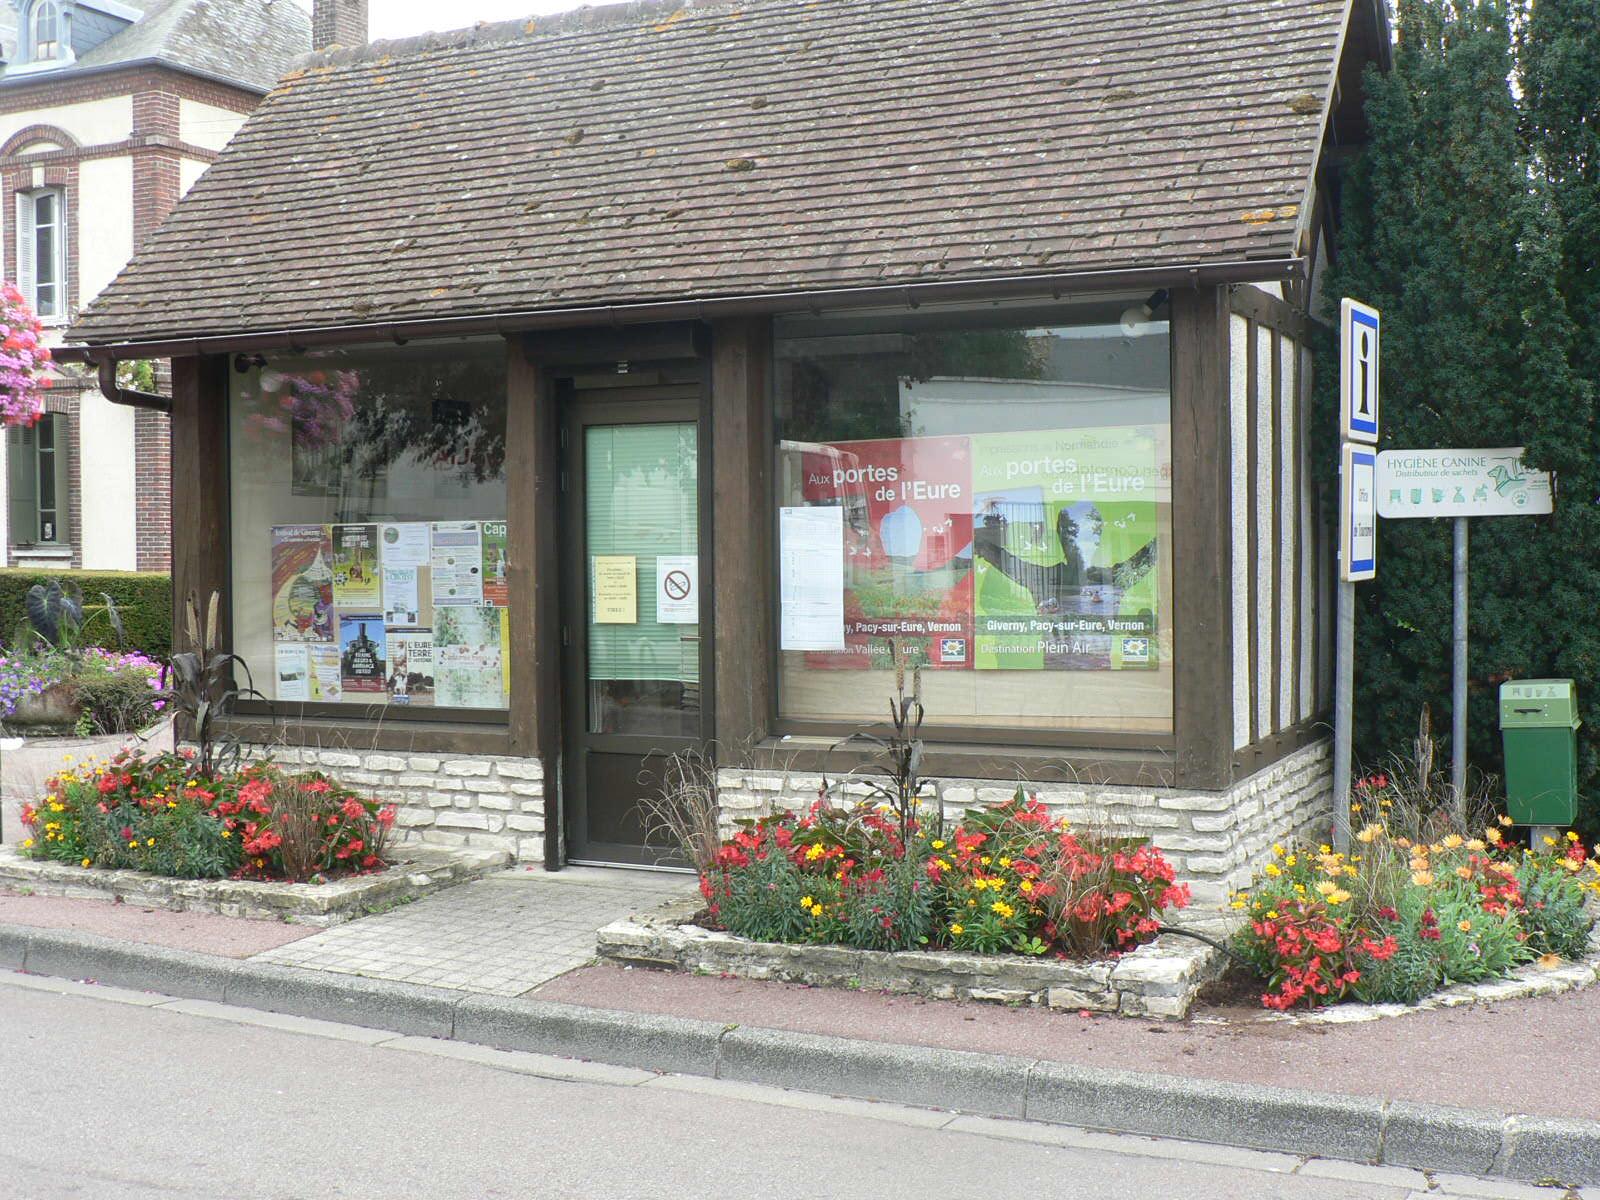 L 39 office de tourisme pacy sur eure - Office de tourisme verneuil sur avre ...